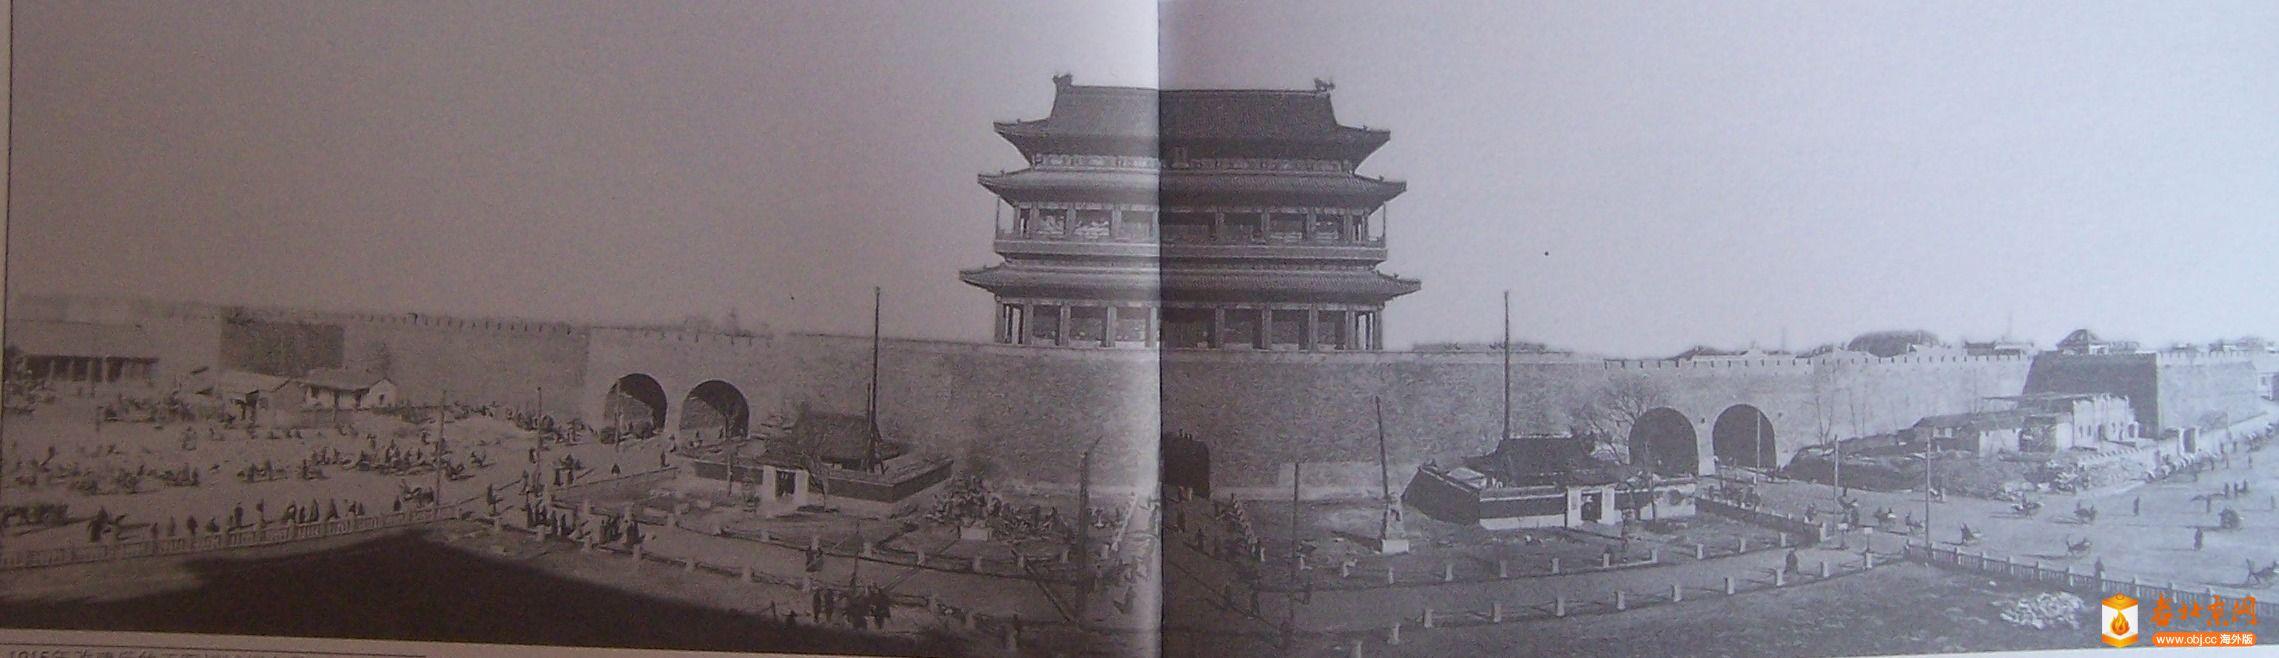 1915年改建完的正阳门全景.JPG